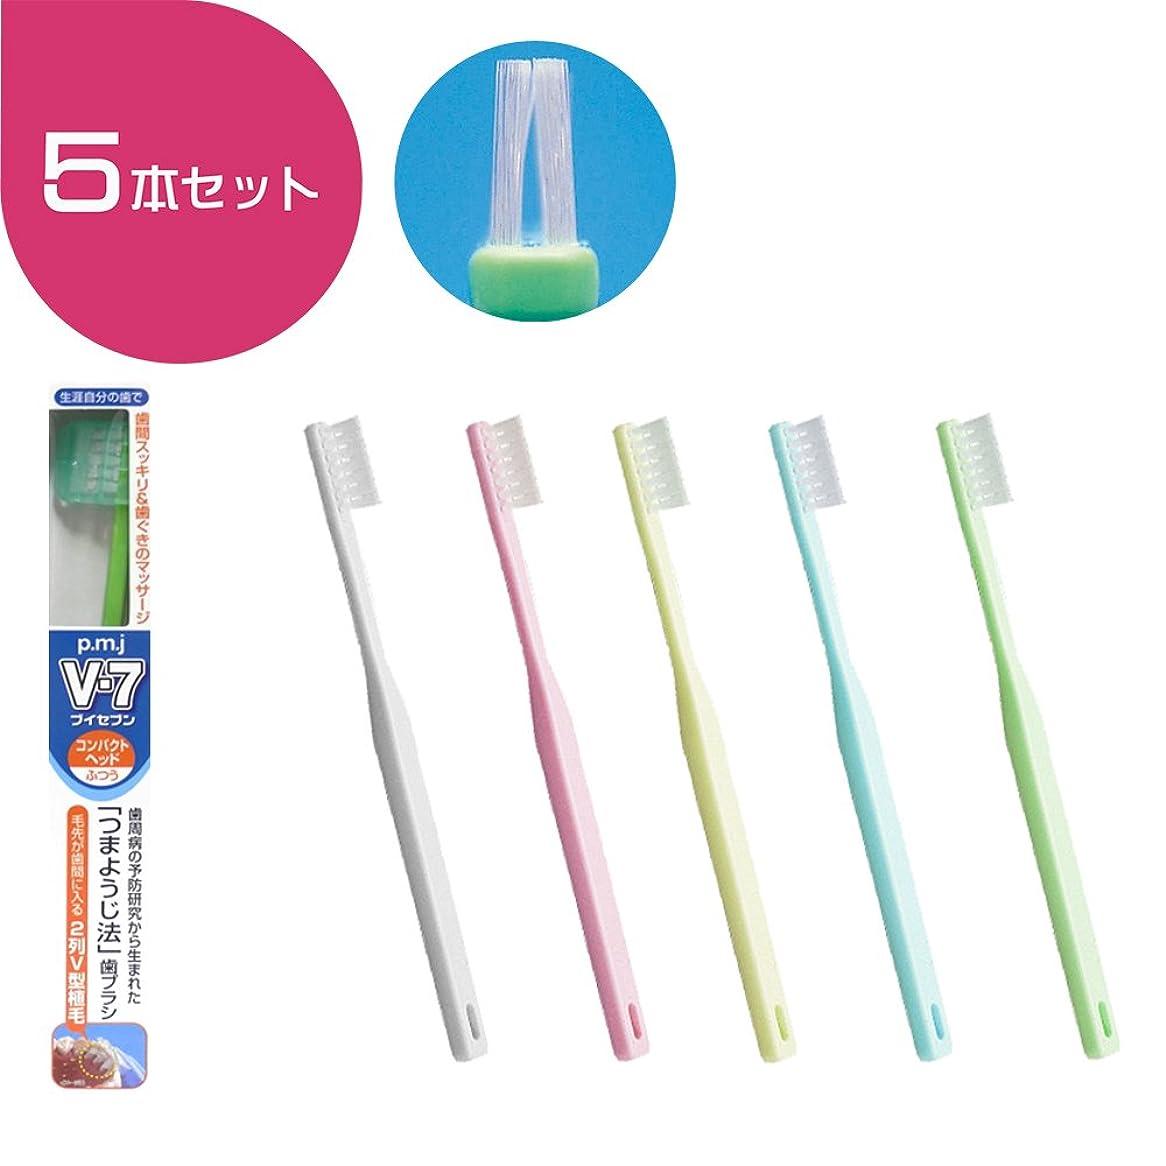 説得洗剤よろめくV-7 ブイセブン コンパクトヘッド 5本(ふつう)